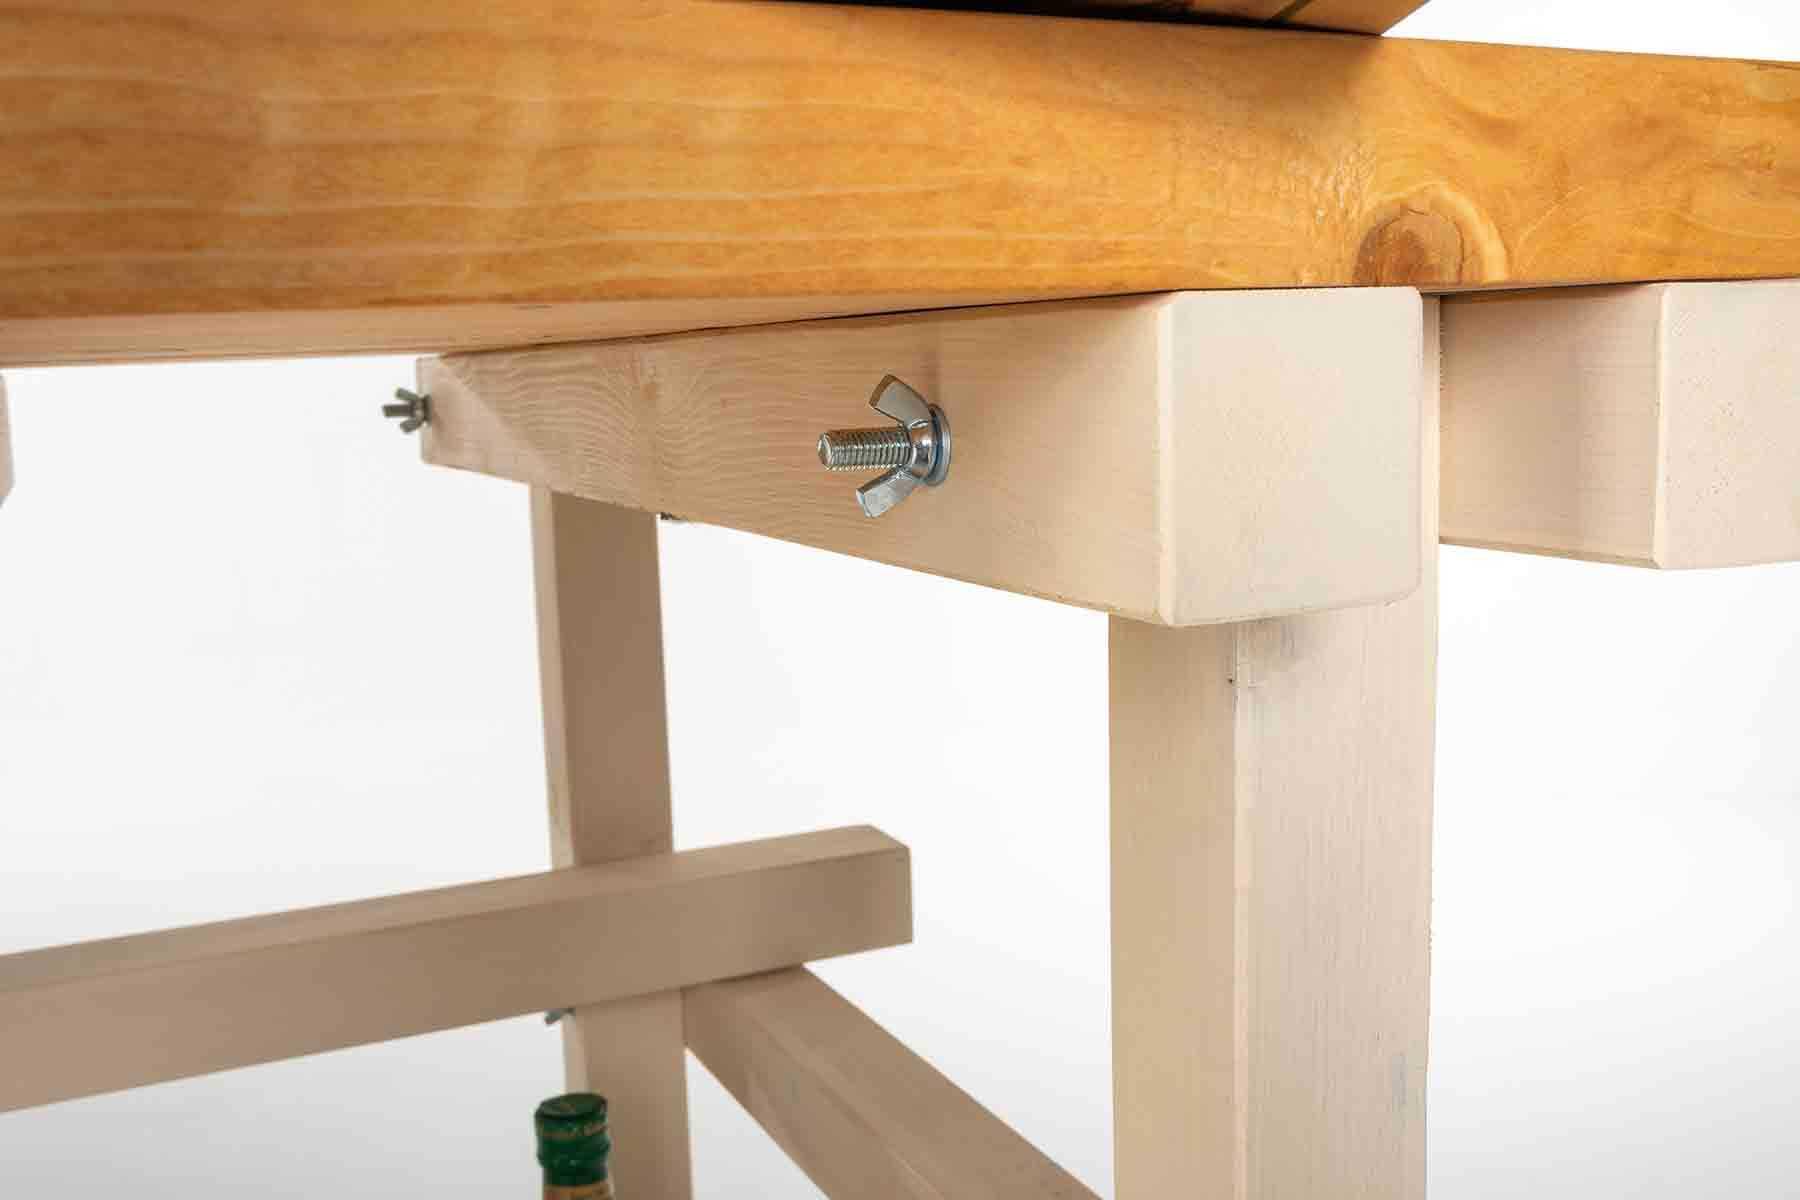 Outdoorküche Zubehör Wien : Outdoorküche alfons selber bauen gartenmöbel obi selbstbaumöbel